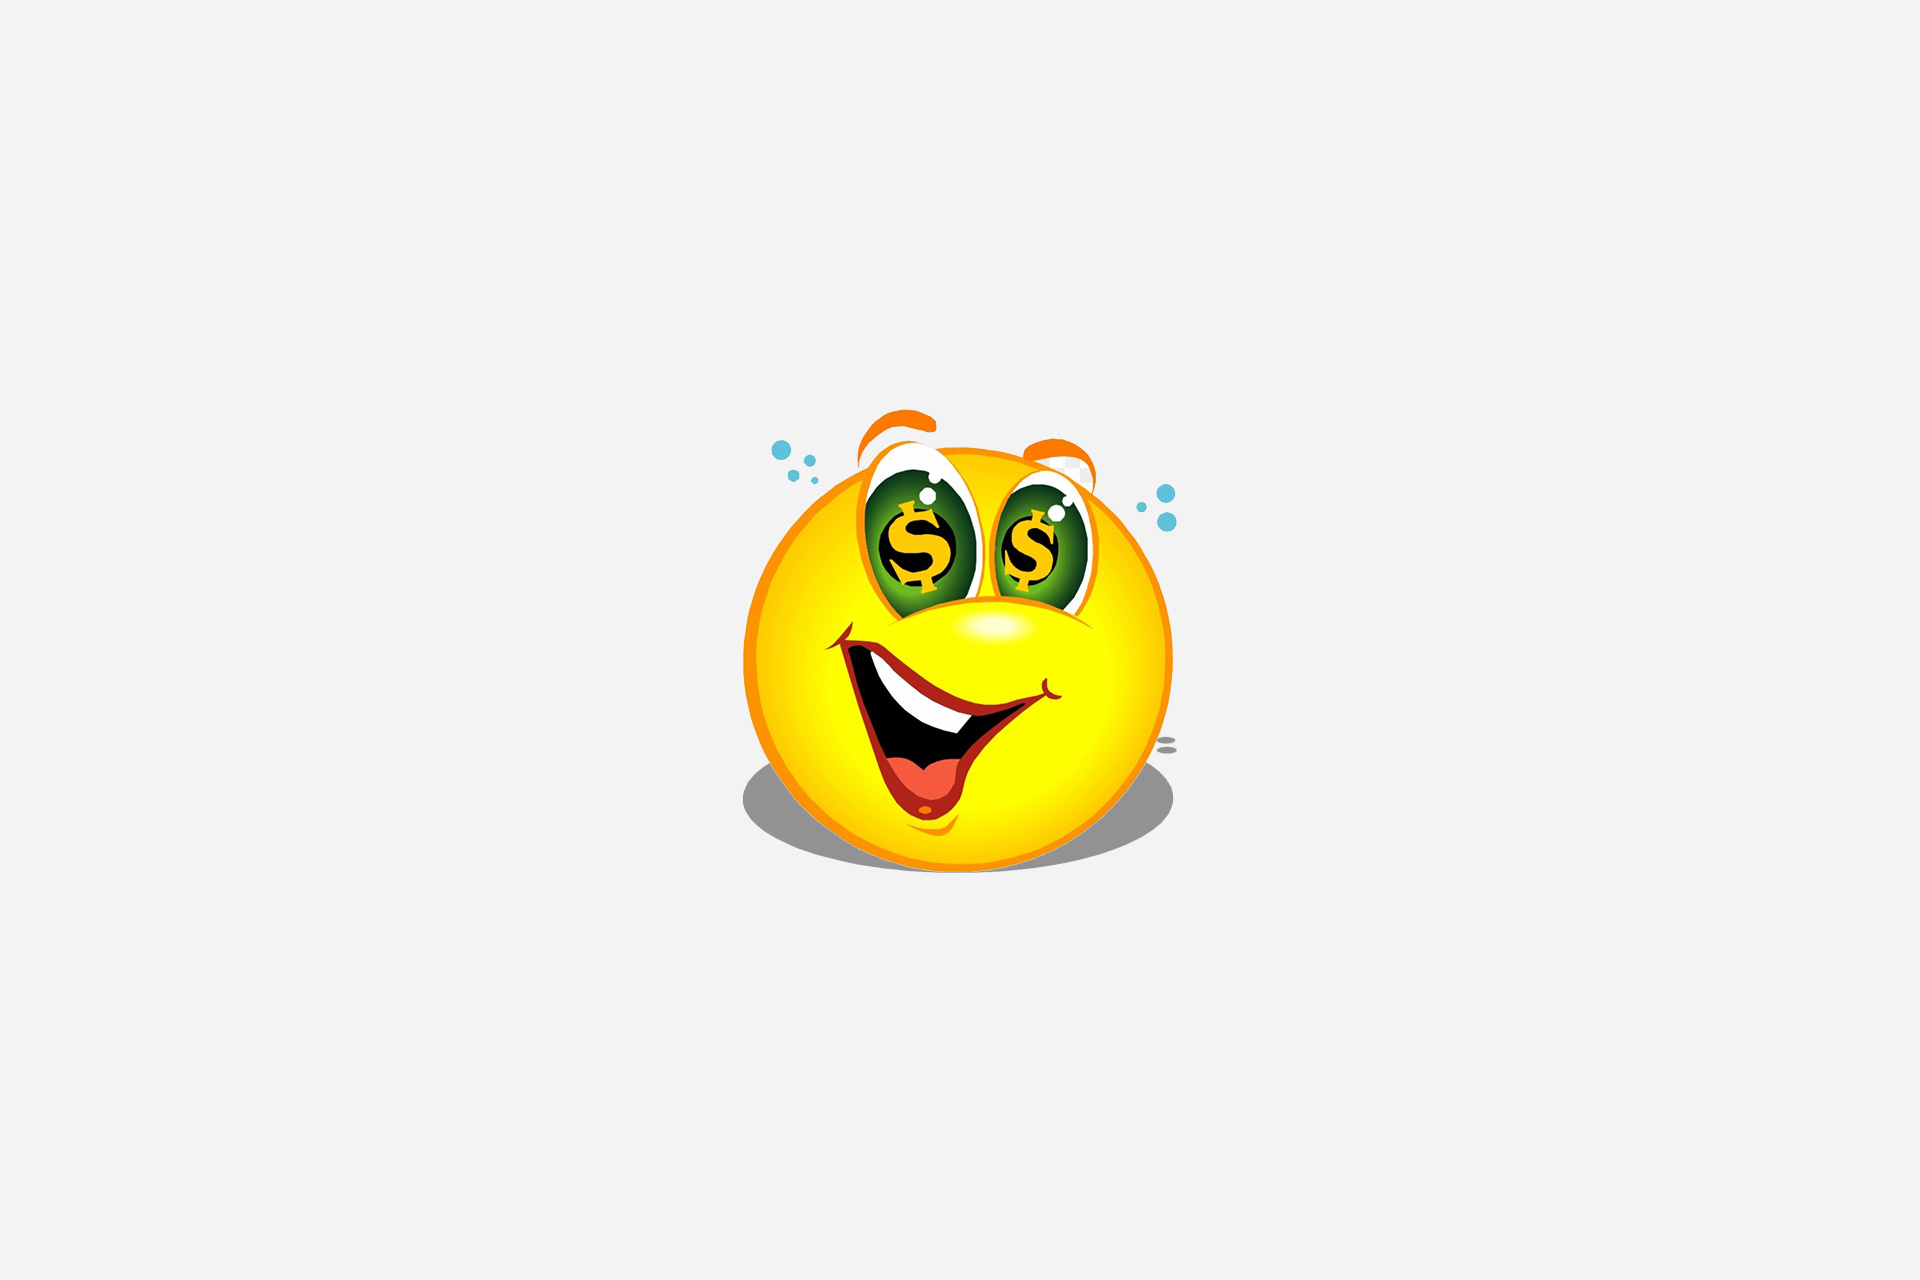 پول خوشبختی نمیآورد